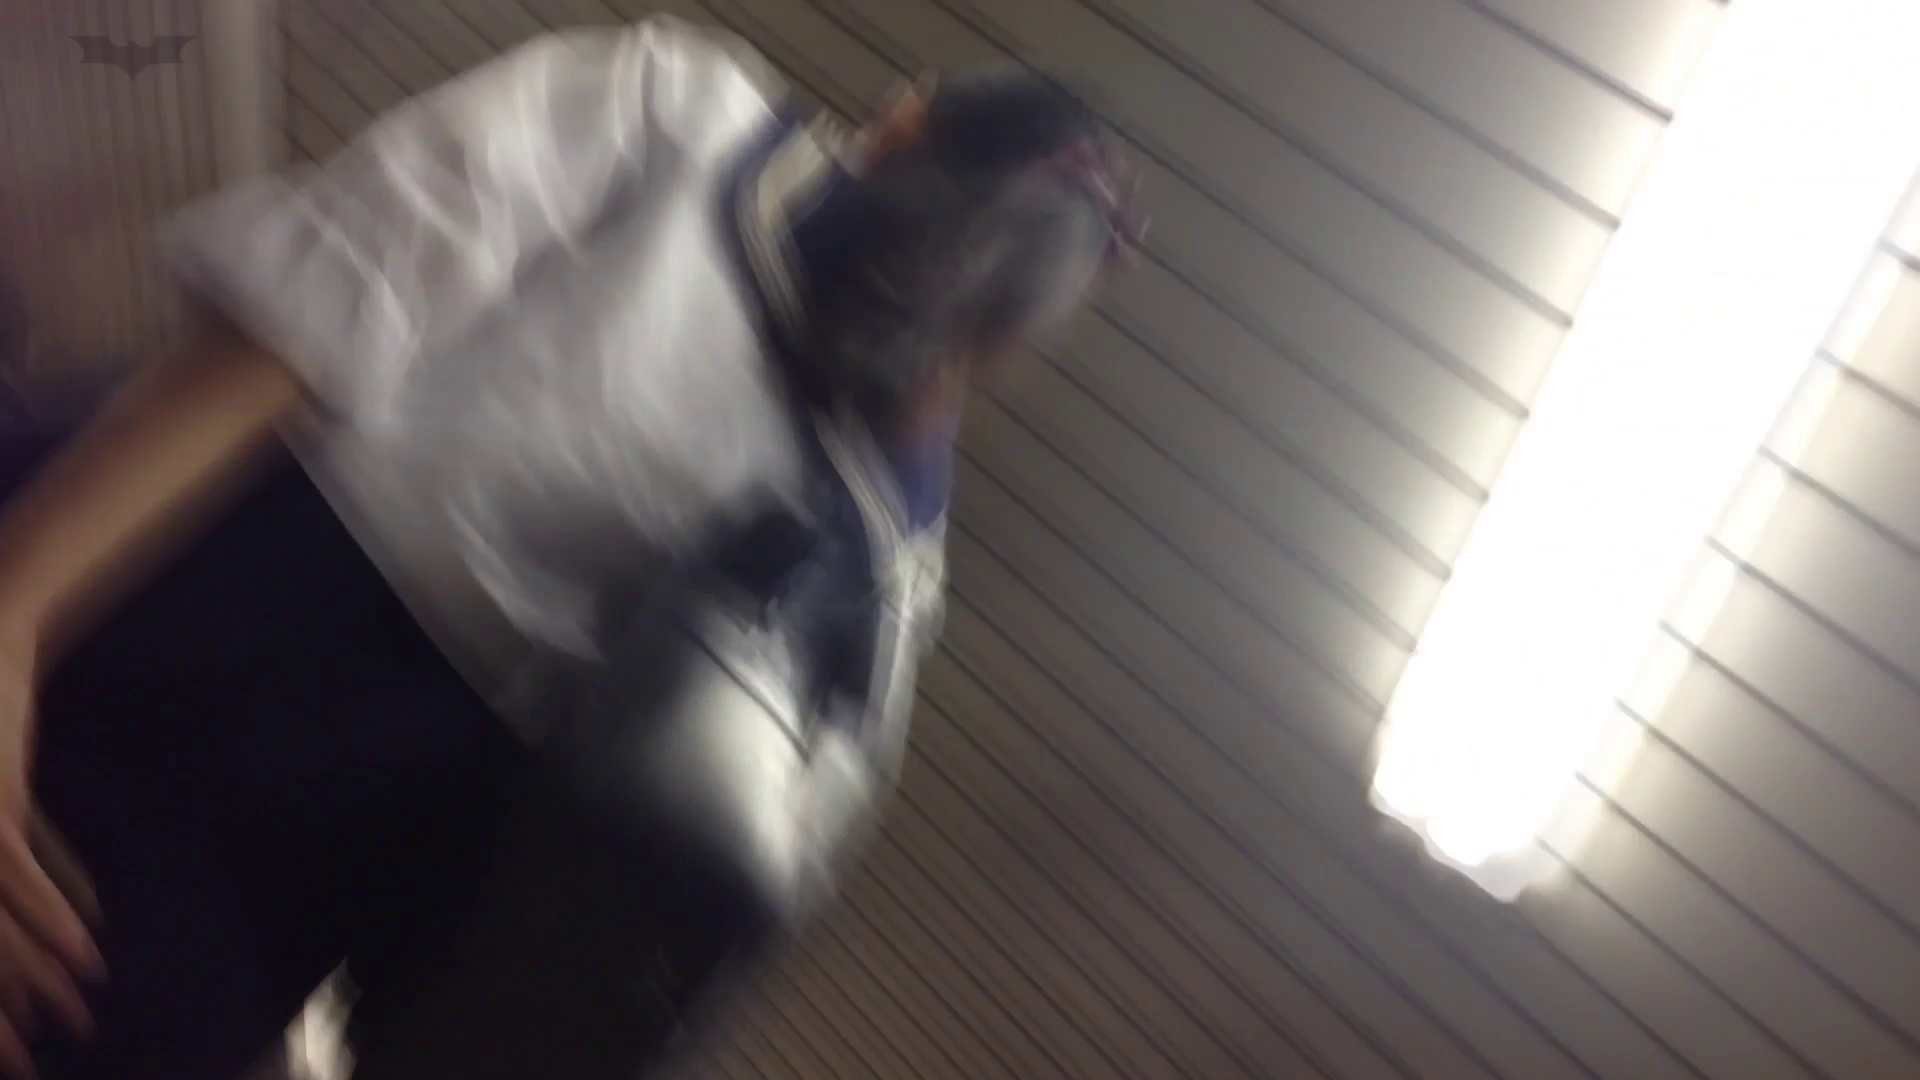 階段パンチラ Vol.08 エッチなOL AV無料動画キャプチャ 98枚 10